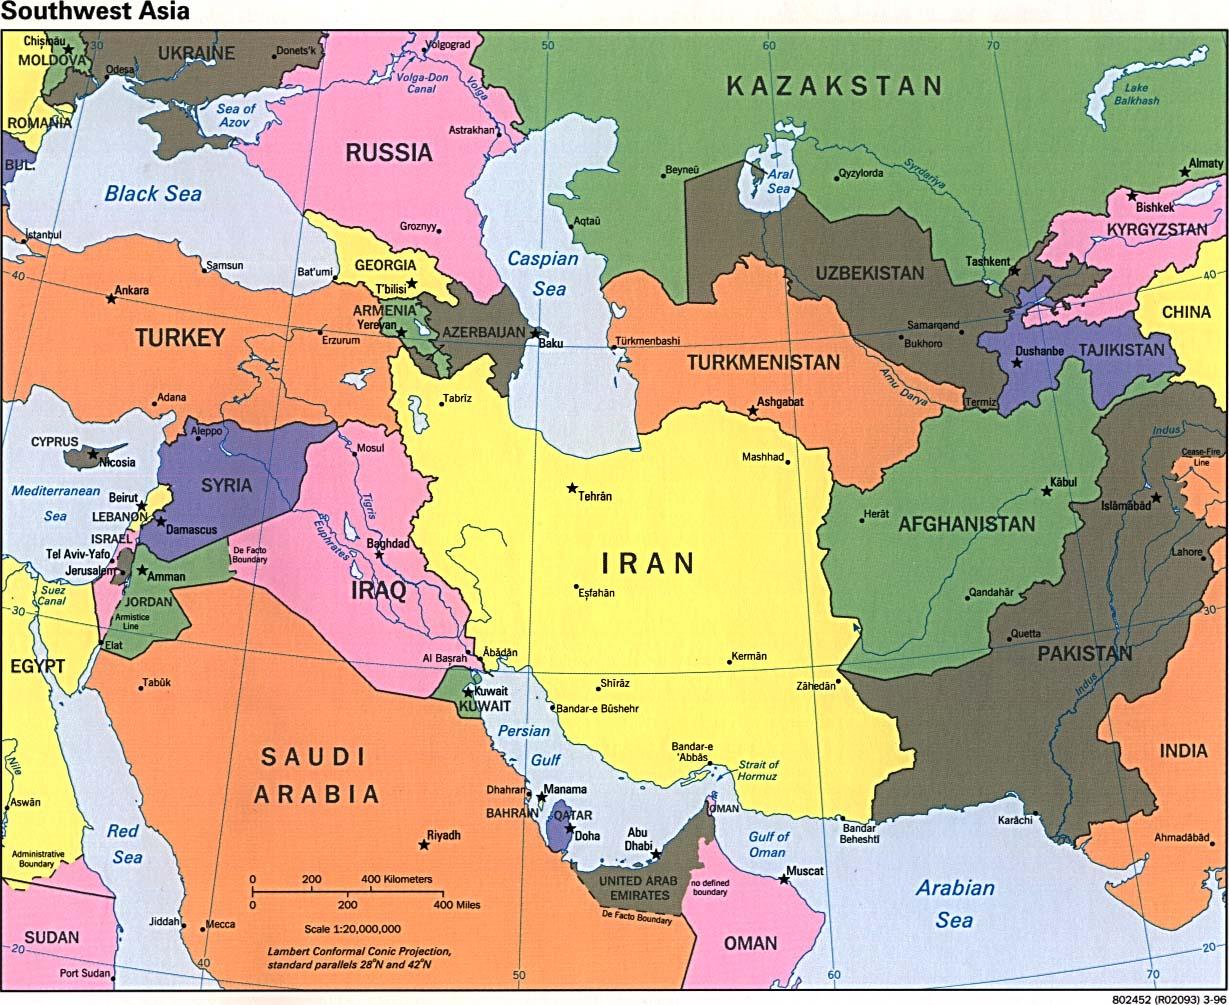 Middle East Jennifer Skobel 39 s 7th Grade Social Studies